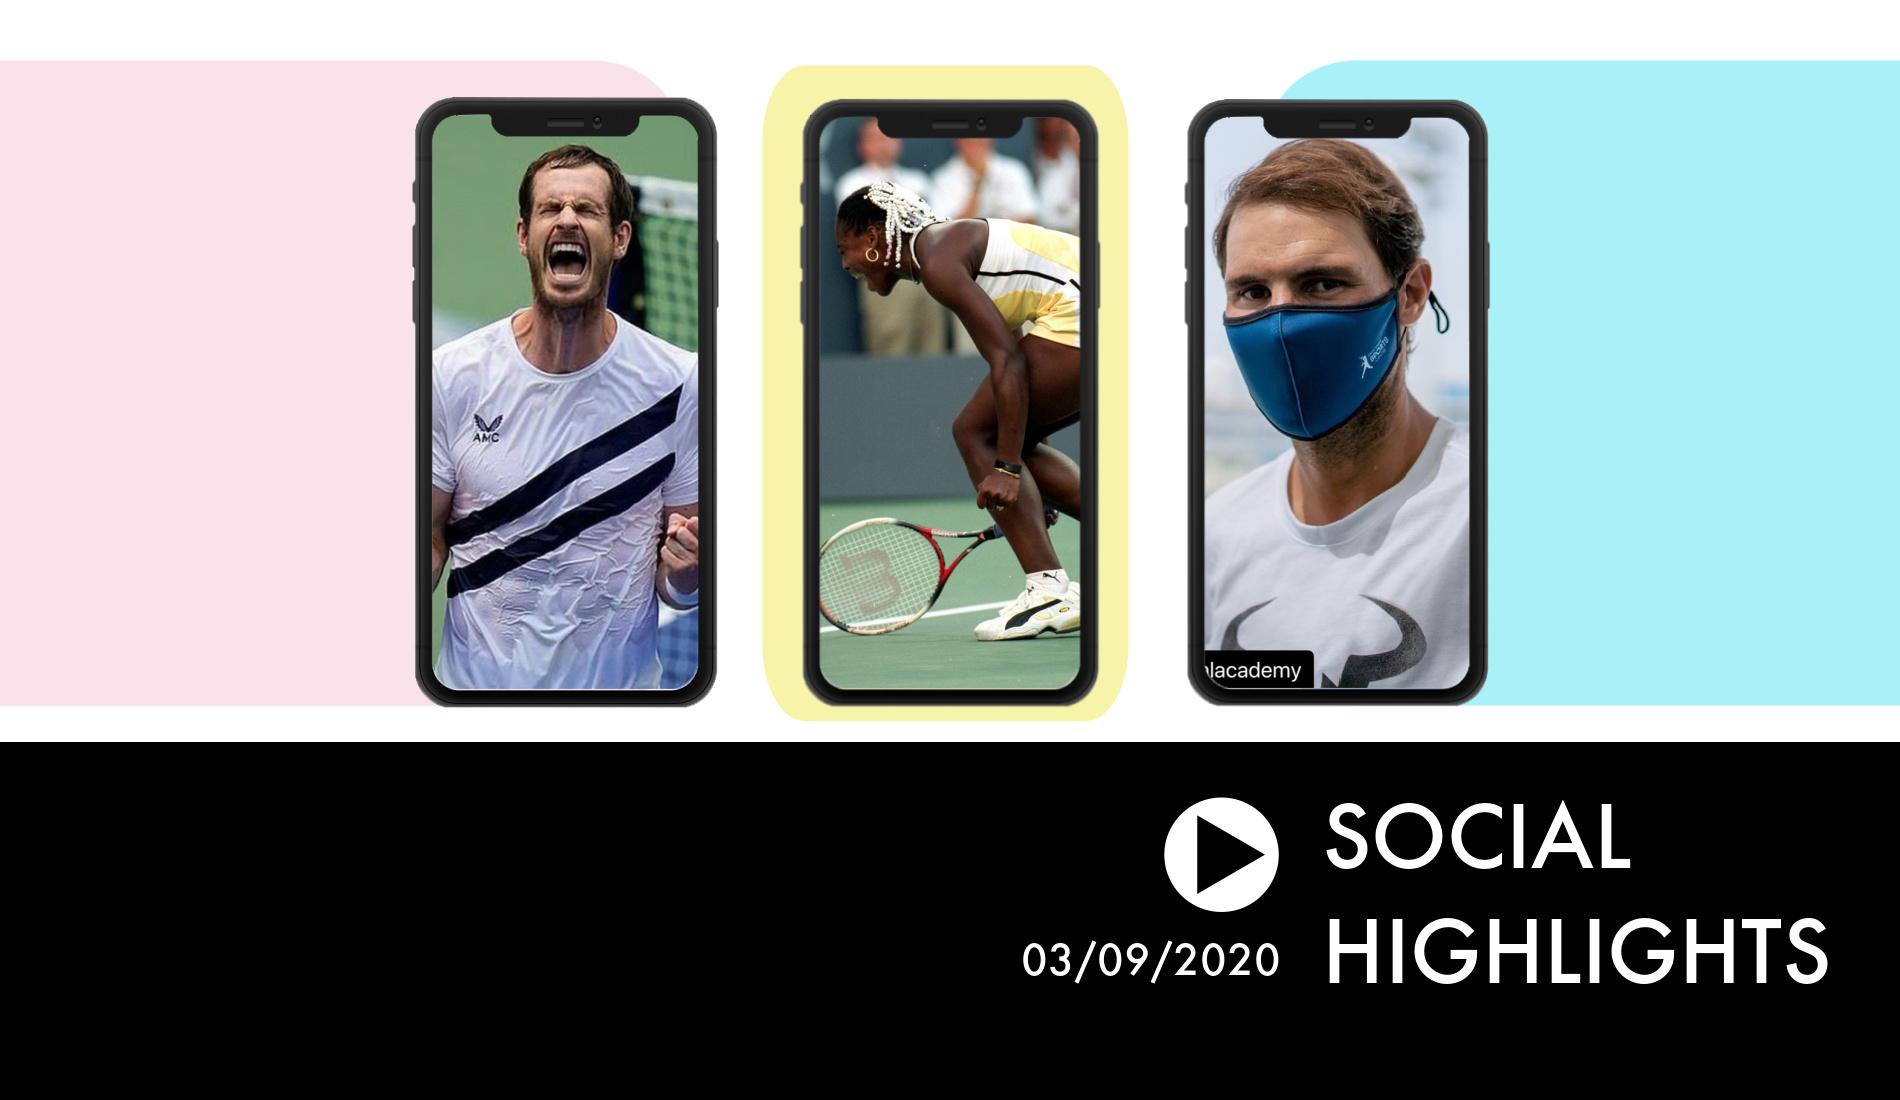 Social Highlights 03.09.2020